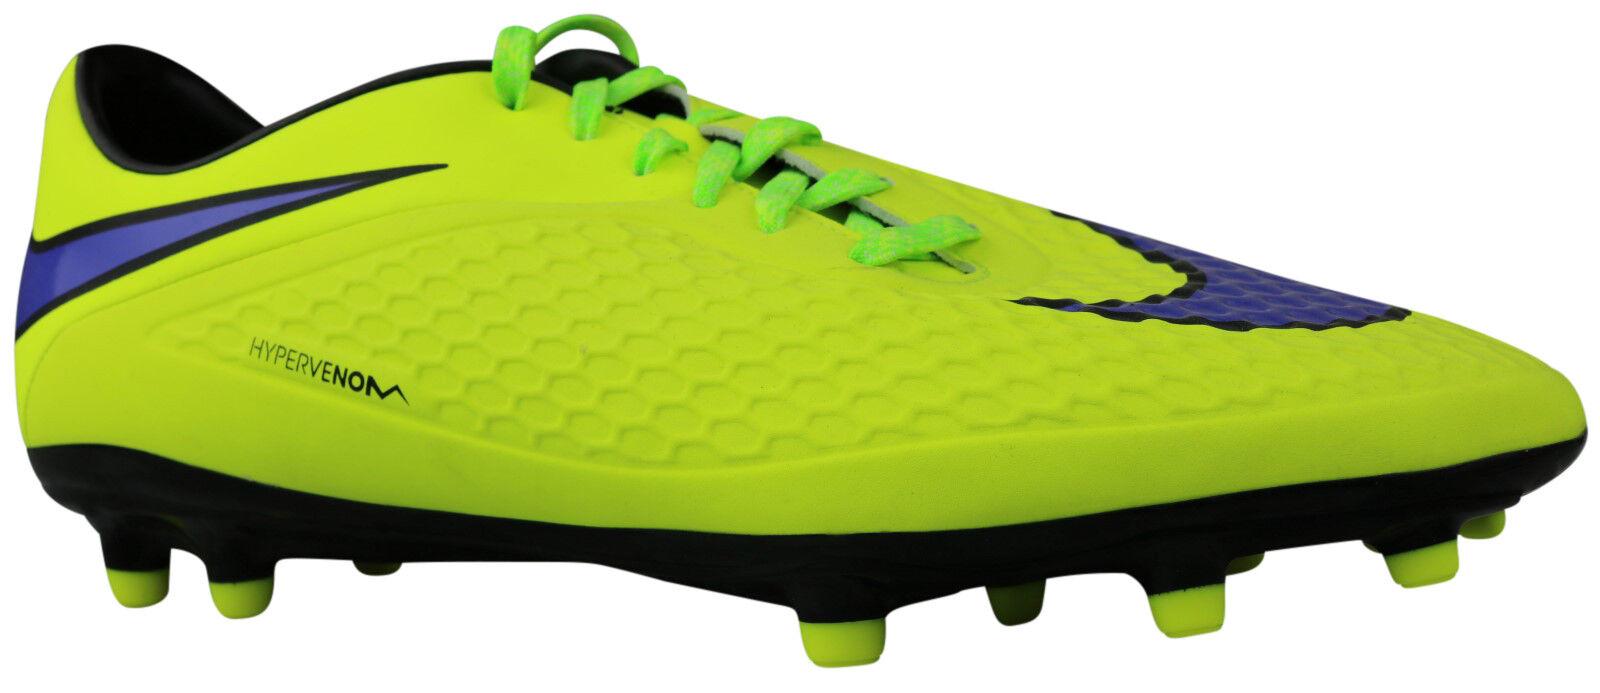 Nike hypervenom Phelon FG botas de fútbol señores amarillo 599730-758 talla 45 nuevo & OVP